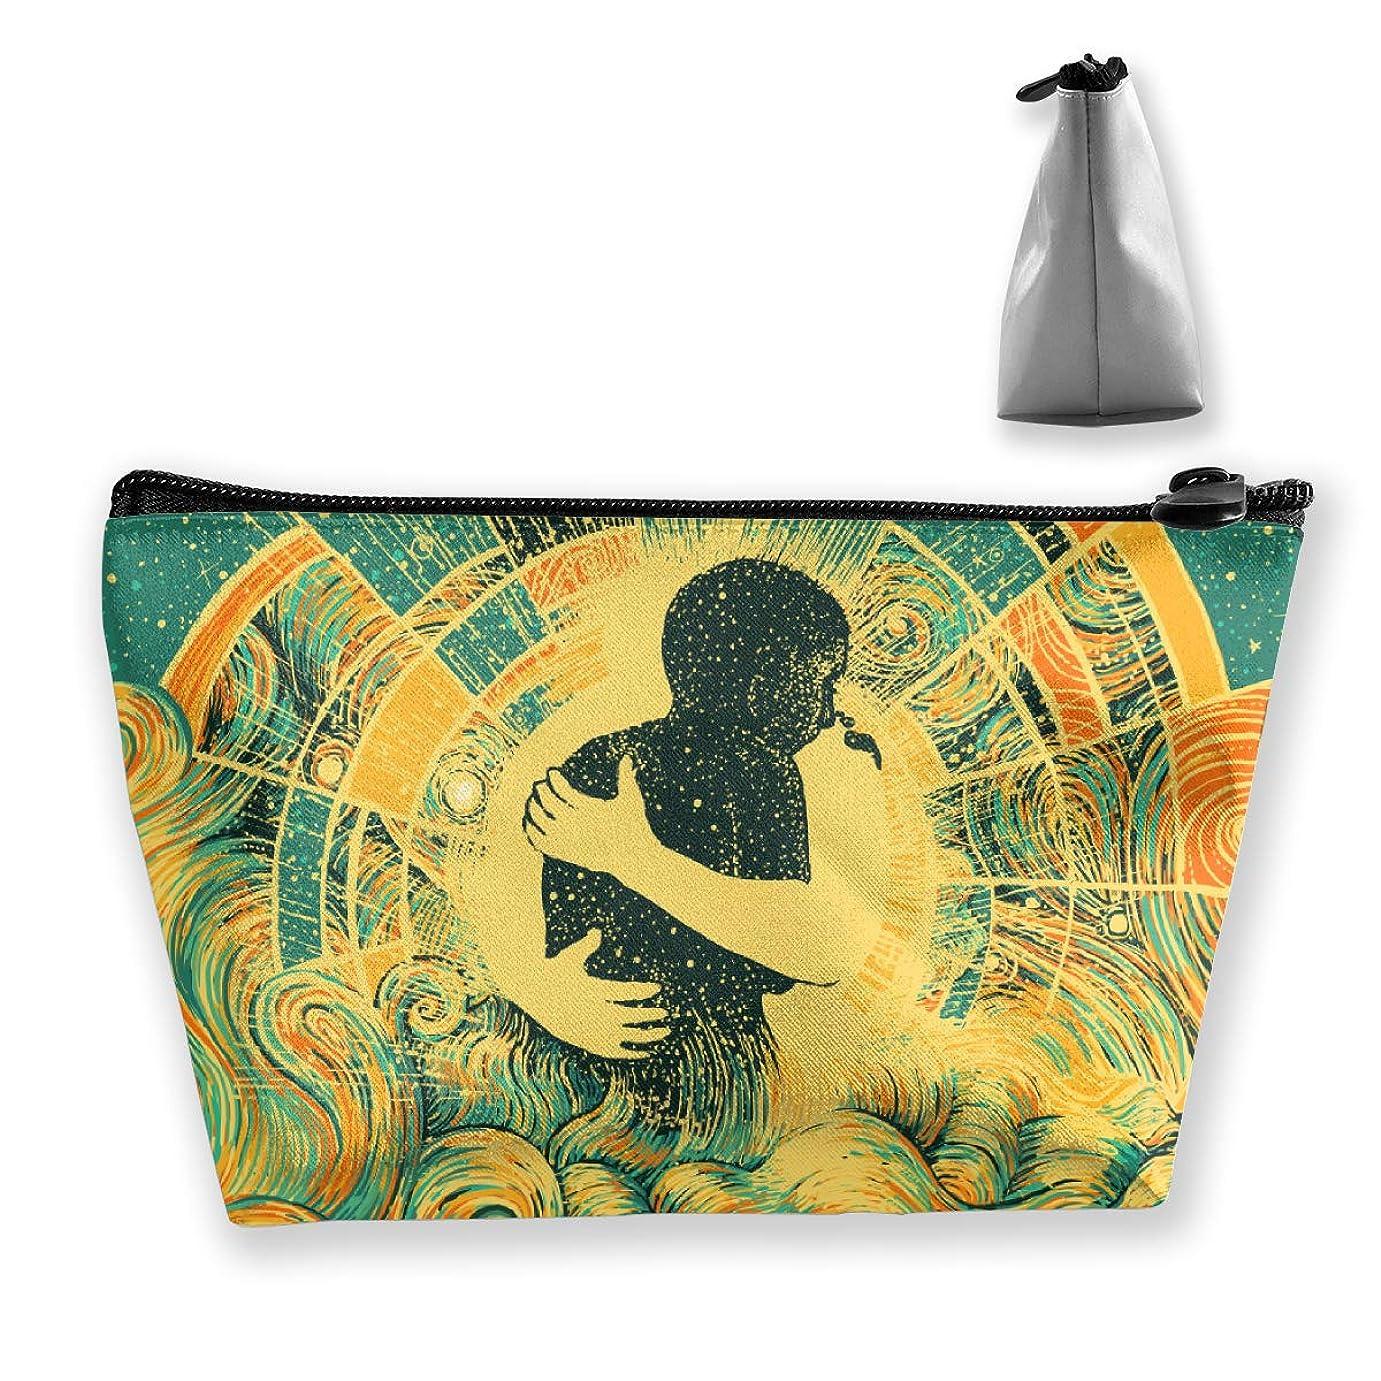 ハッピー抱擁 ペンケース文房具バッグ大容量ペンケース化粧品袋収納袋男の子と女の子多機能浴室シャワーバッグ旅行ポータブルストレージバッグ